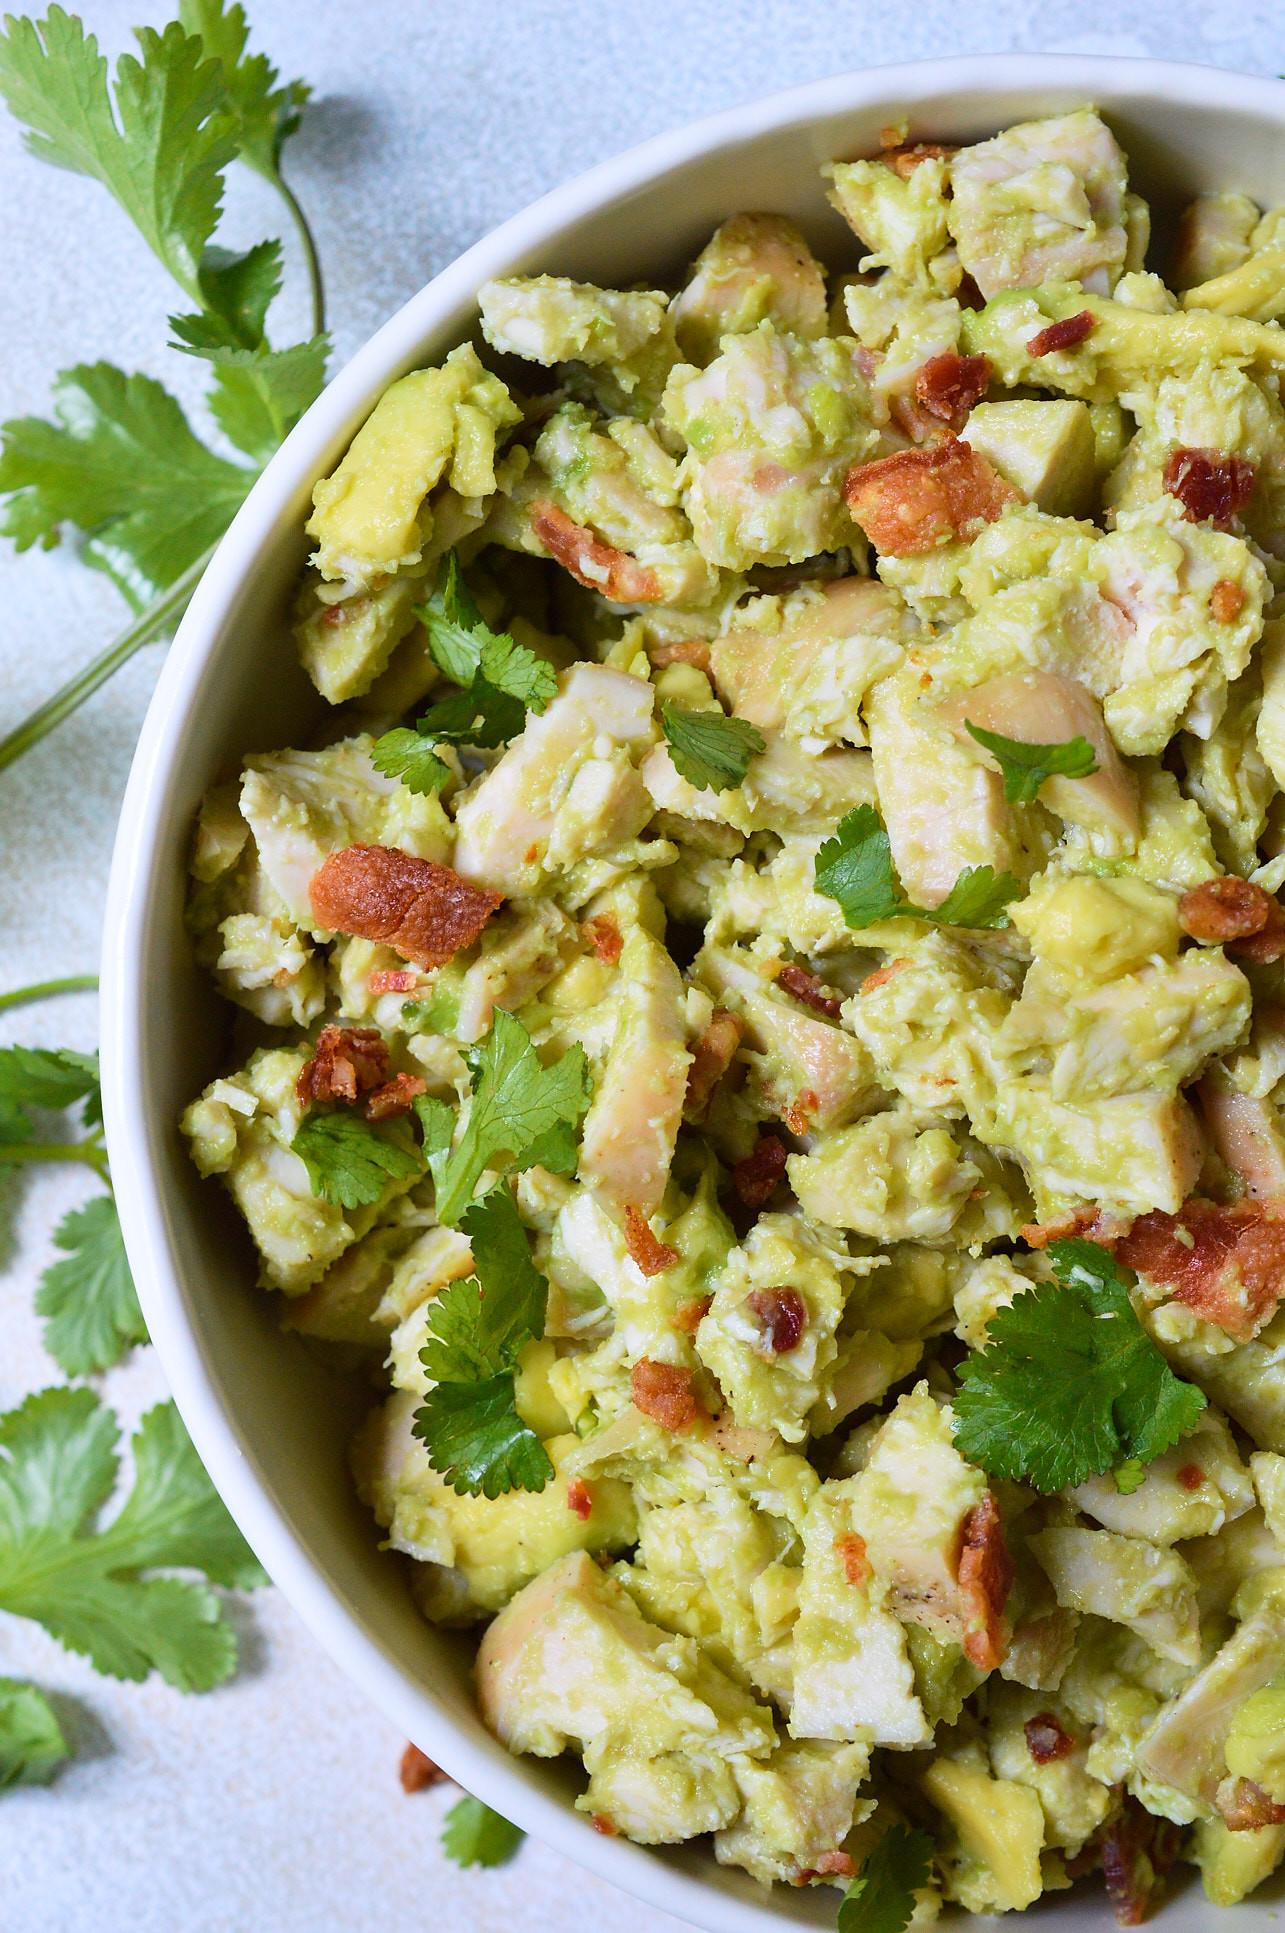 Healthy Chicken Salad Recipe No Mayo top 20 Bacon Avocado Chicken Salad whole30 Recipe Wonkywonderful